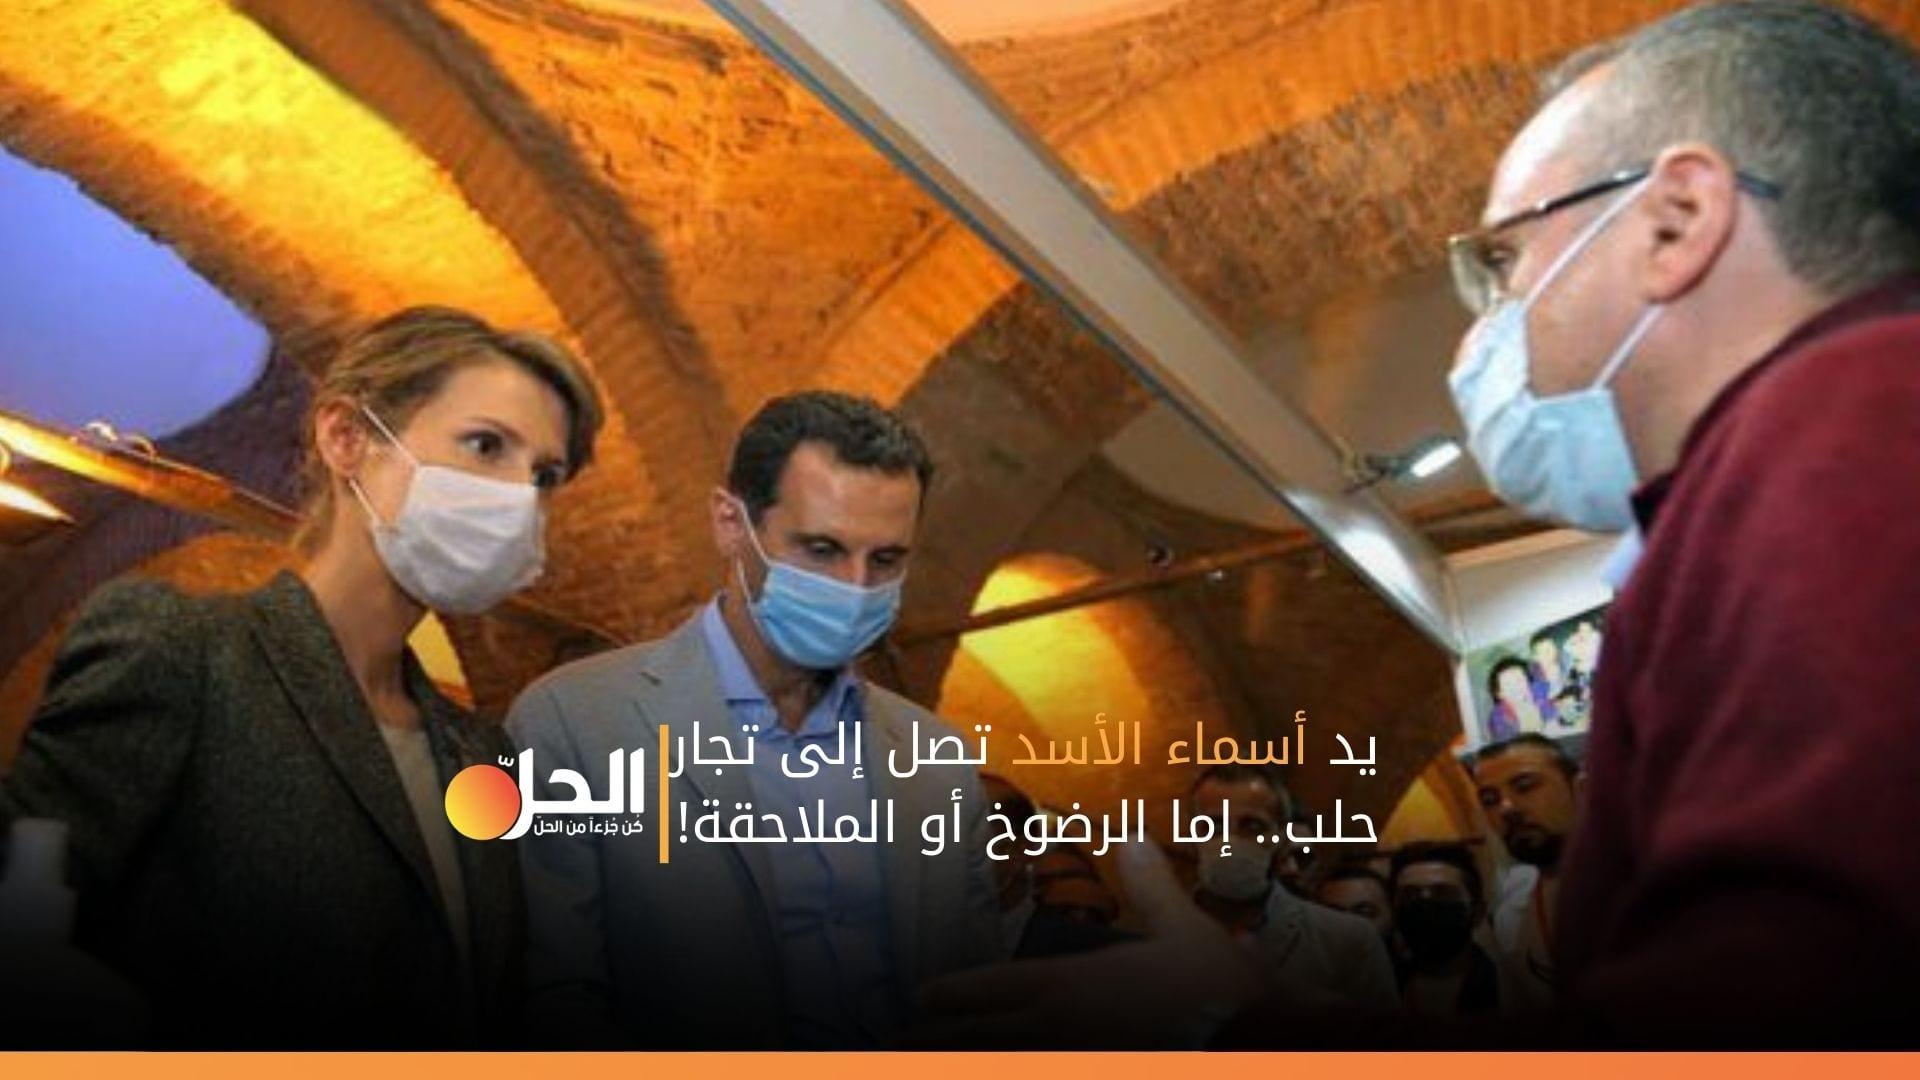 يد أسماء الأسد تصل إلى تجار حلب.. إما الرضوخ أو الملاحقة!